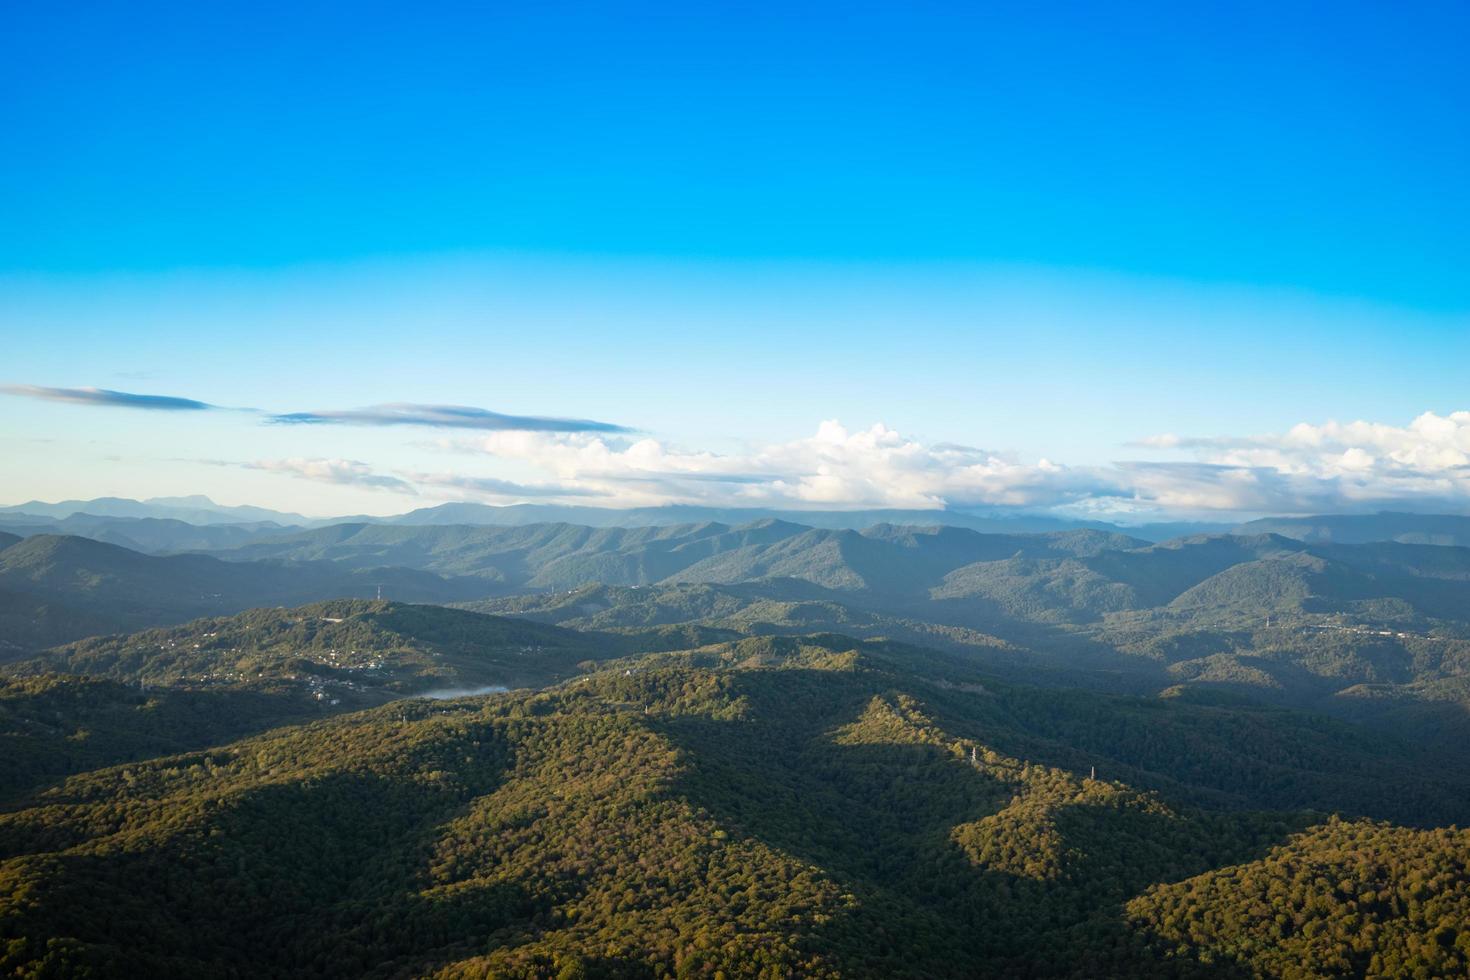 vista aerea di montagne e foreste a sochi, russia foto